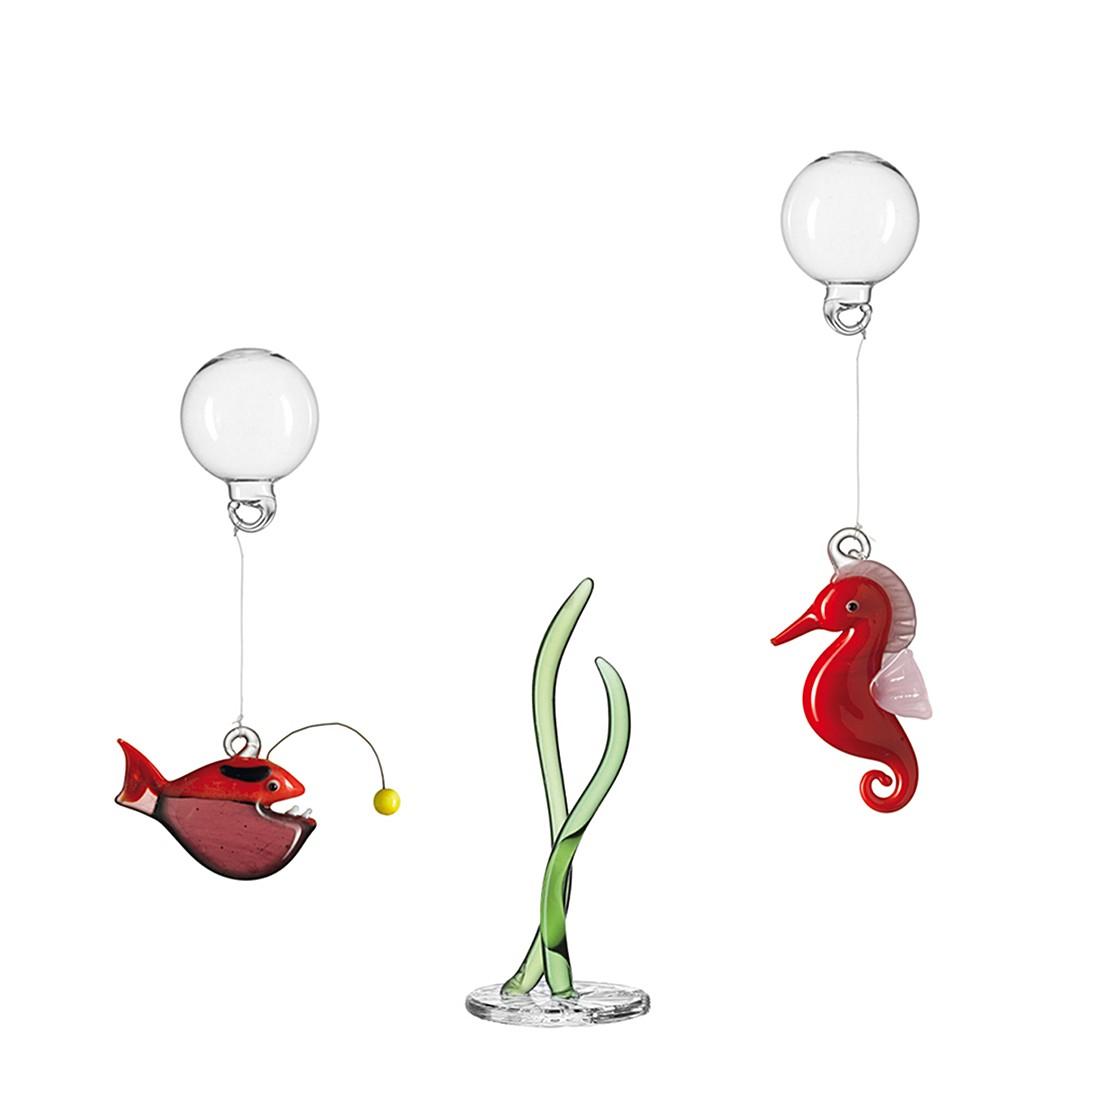 Figuren (3er-Set) – Seepferdchen, Laternenfisch, Seegras Mare, Leonardo günstig kaufen